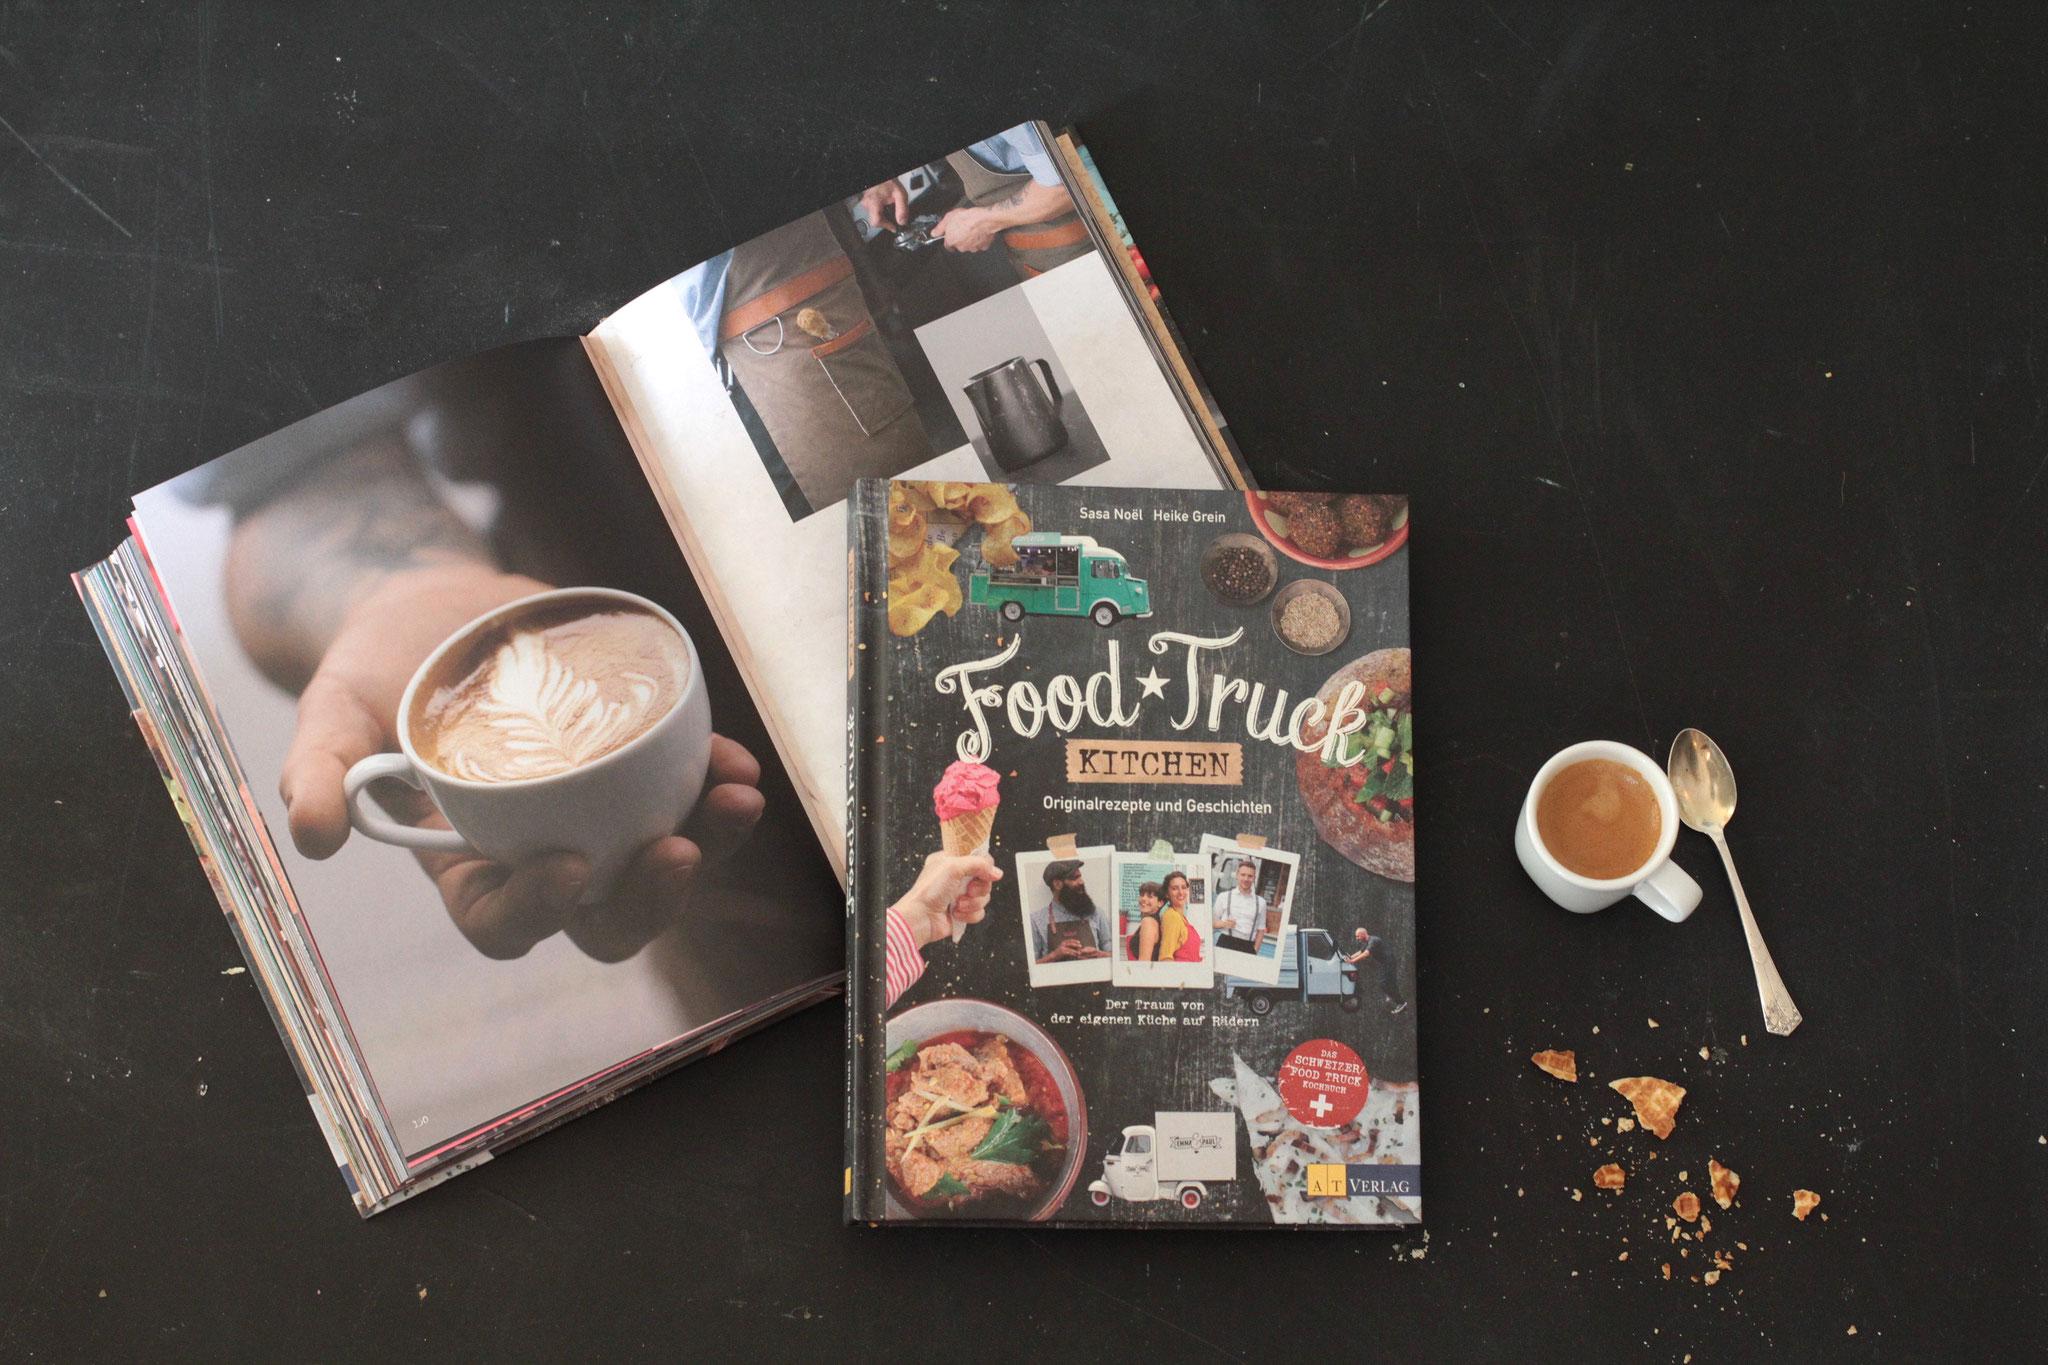 FOOD TRUCK KITCHEN  / Das Buch über die Streetfood Küche und Ihre Macher